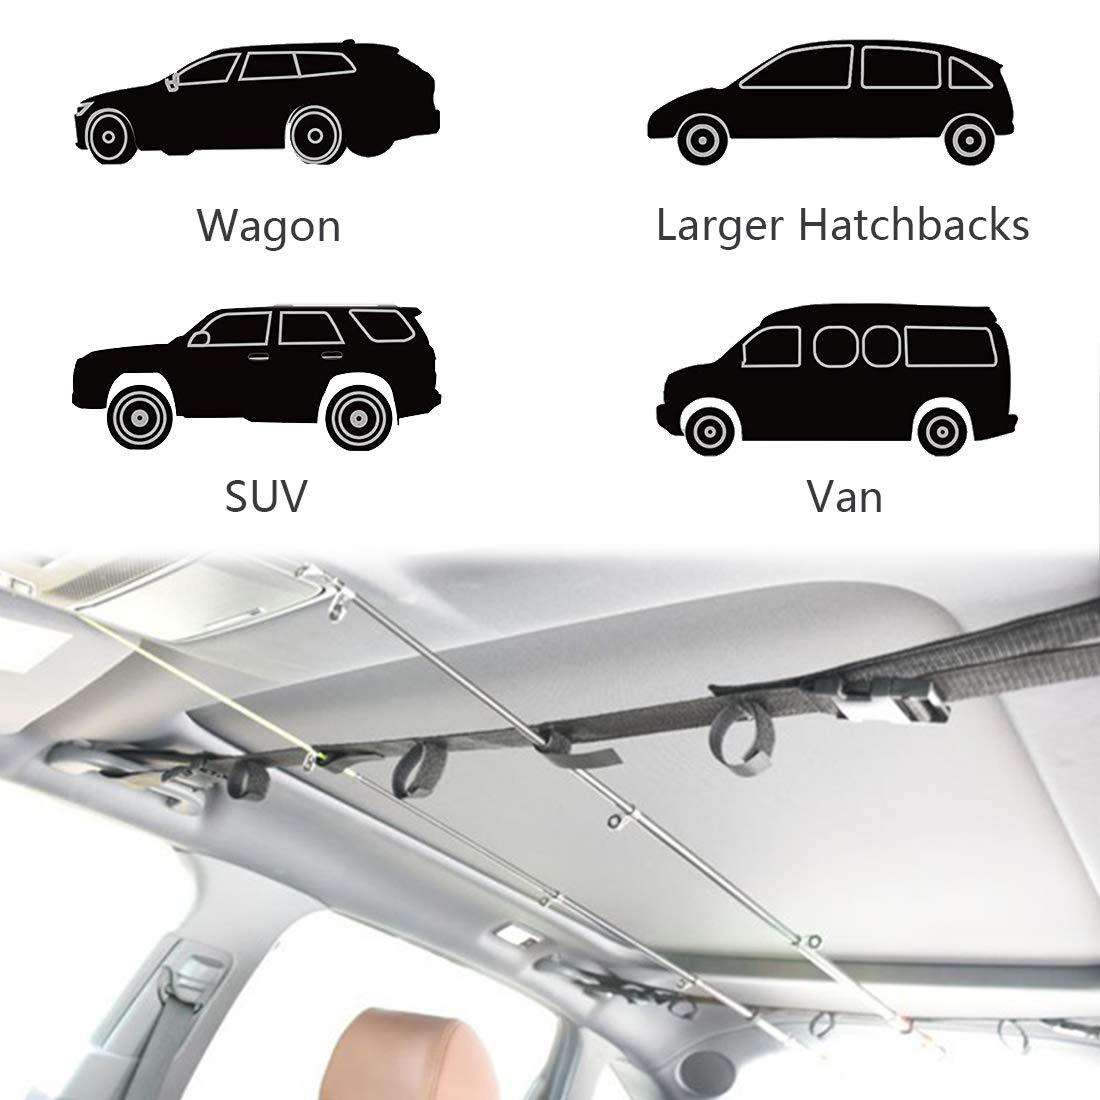 H/ält Ihre Angelruten Sicher Acoser Fahrzeug Rod Carrier System Angelrute Tr/ägerband Rutenhalter Gurtband Rutenhalter Rod Rack F/ür 5 Angelruten